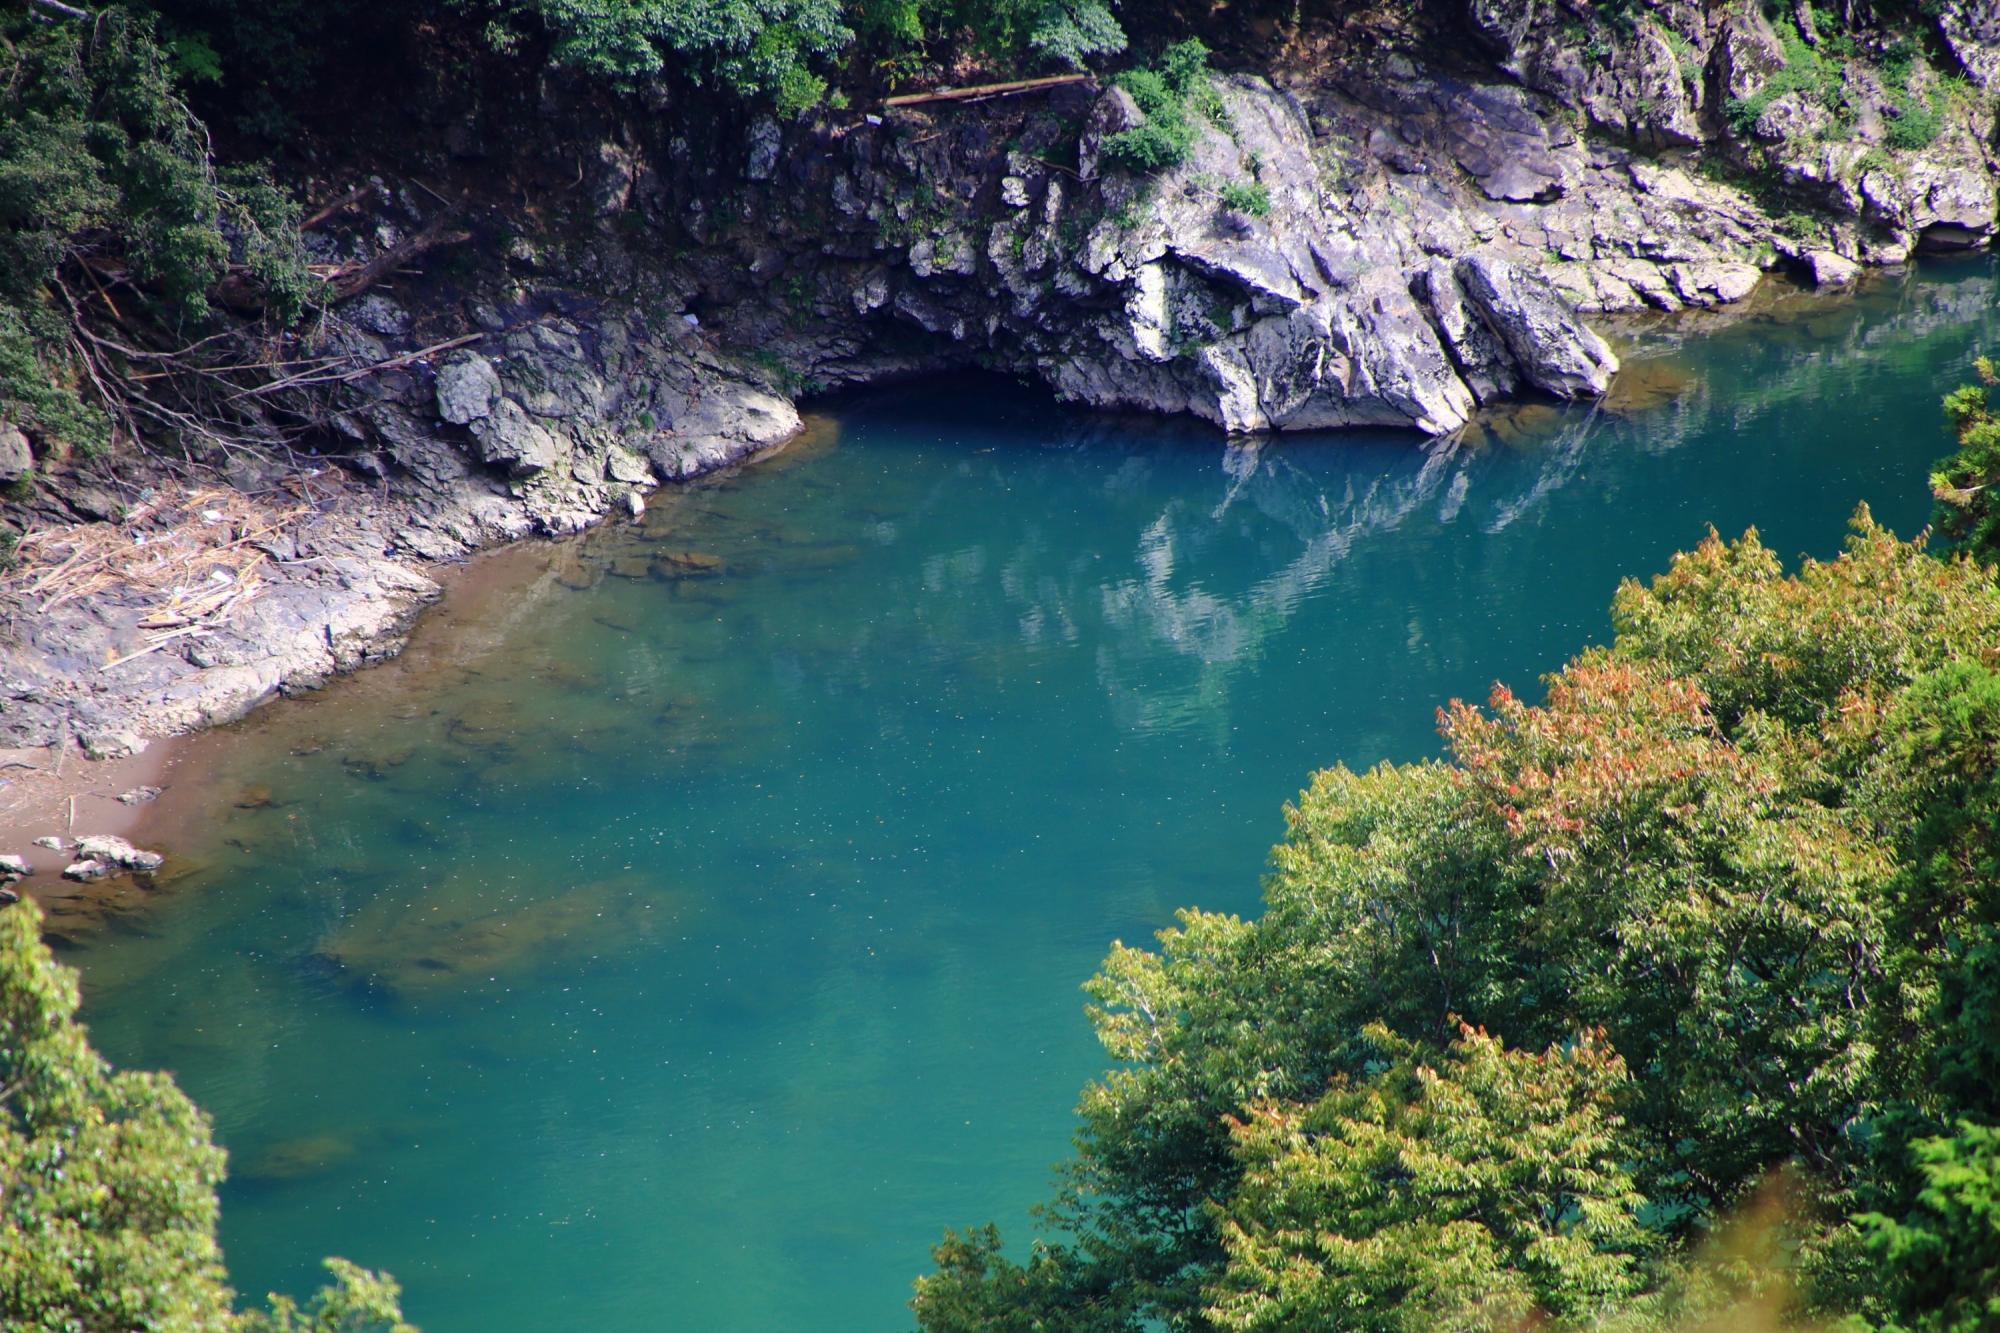 嵐山の秘境の大悲閣 千光寺から眺める保津川(桂川)